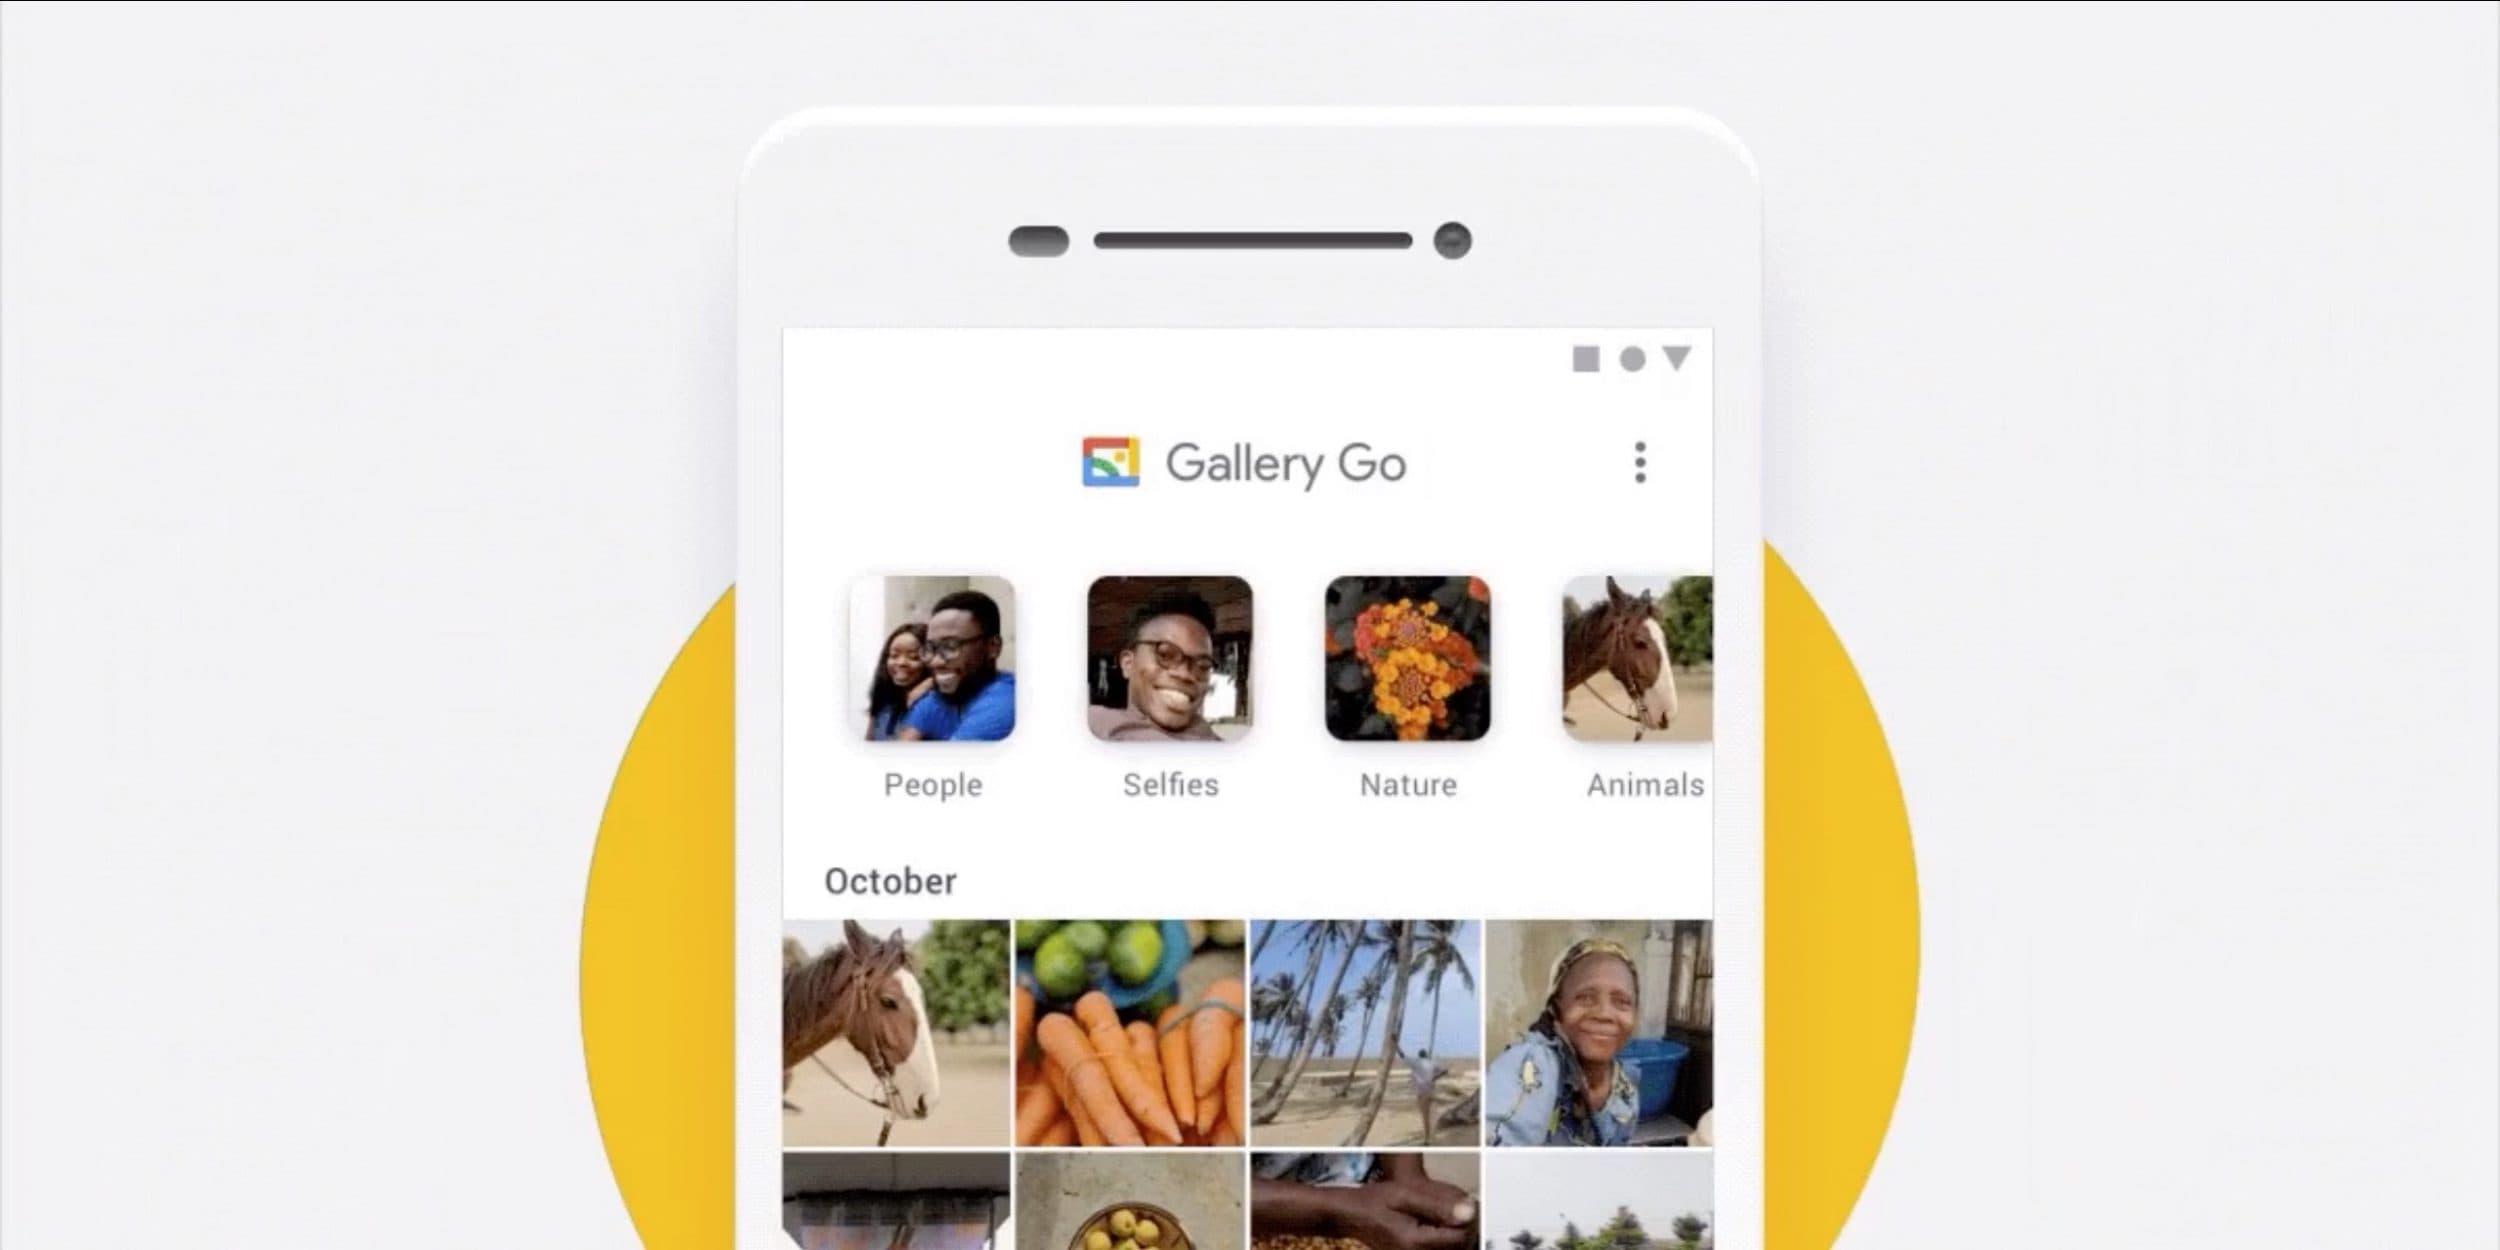 Continua l'ascesa di Google Gallery Go: voi l'avete installata?